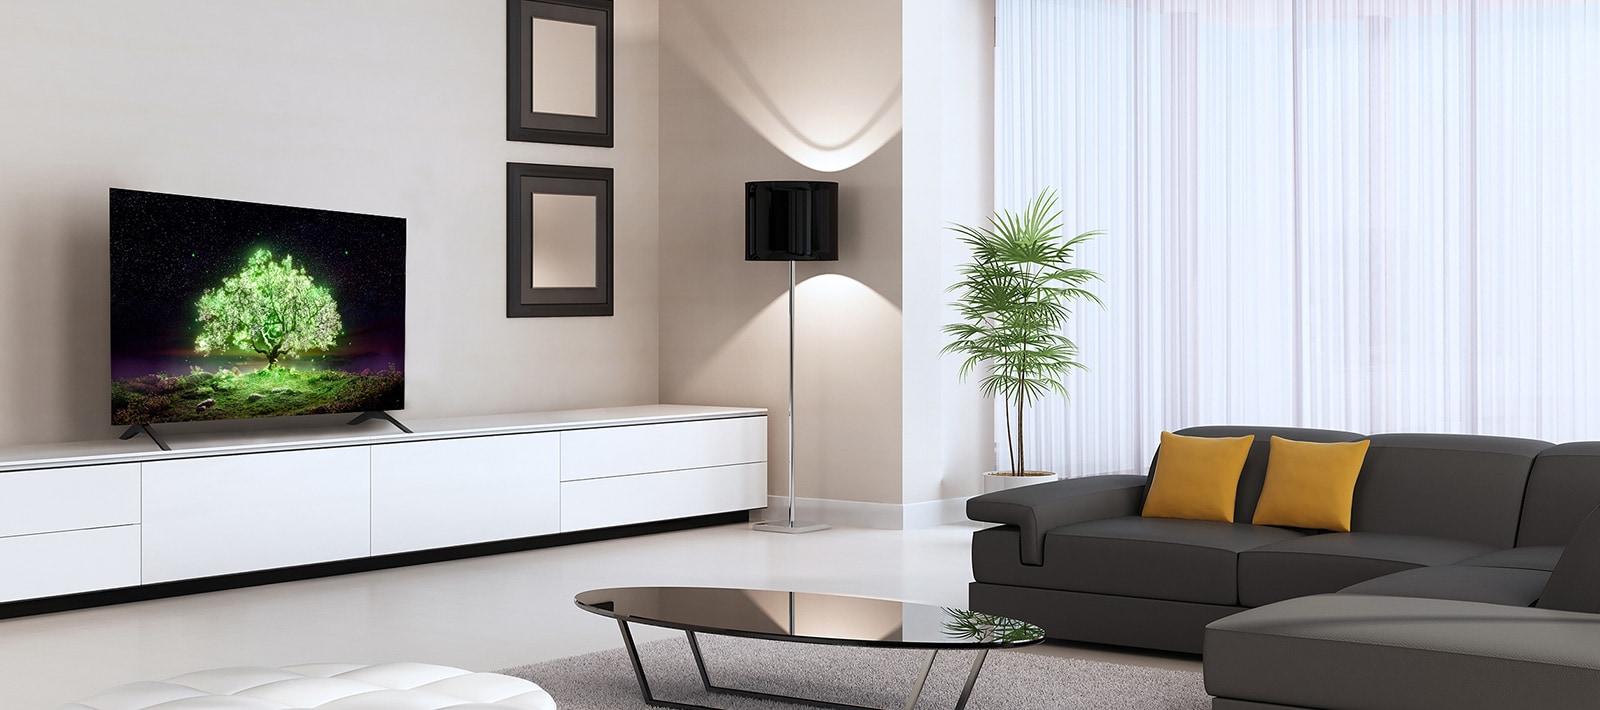 Telewizor OLED A1 w zmysłowo urządzonym pokoju. Na ekranie telewizora widać jasno świecące zielone drzewo.